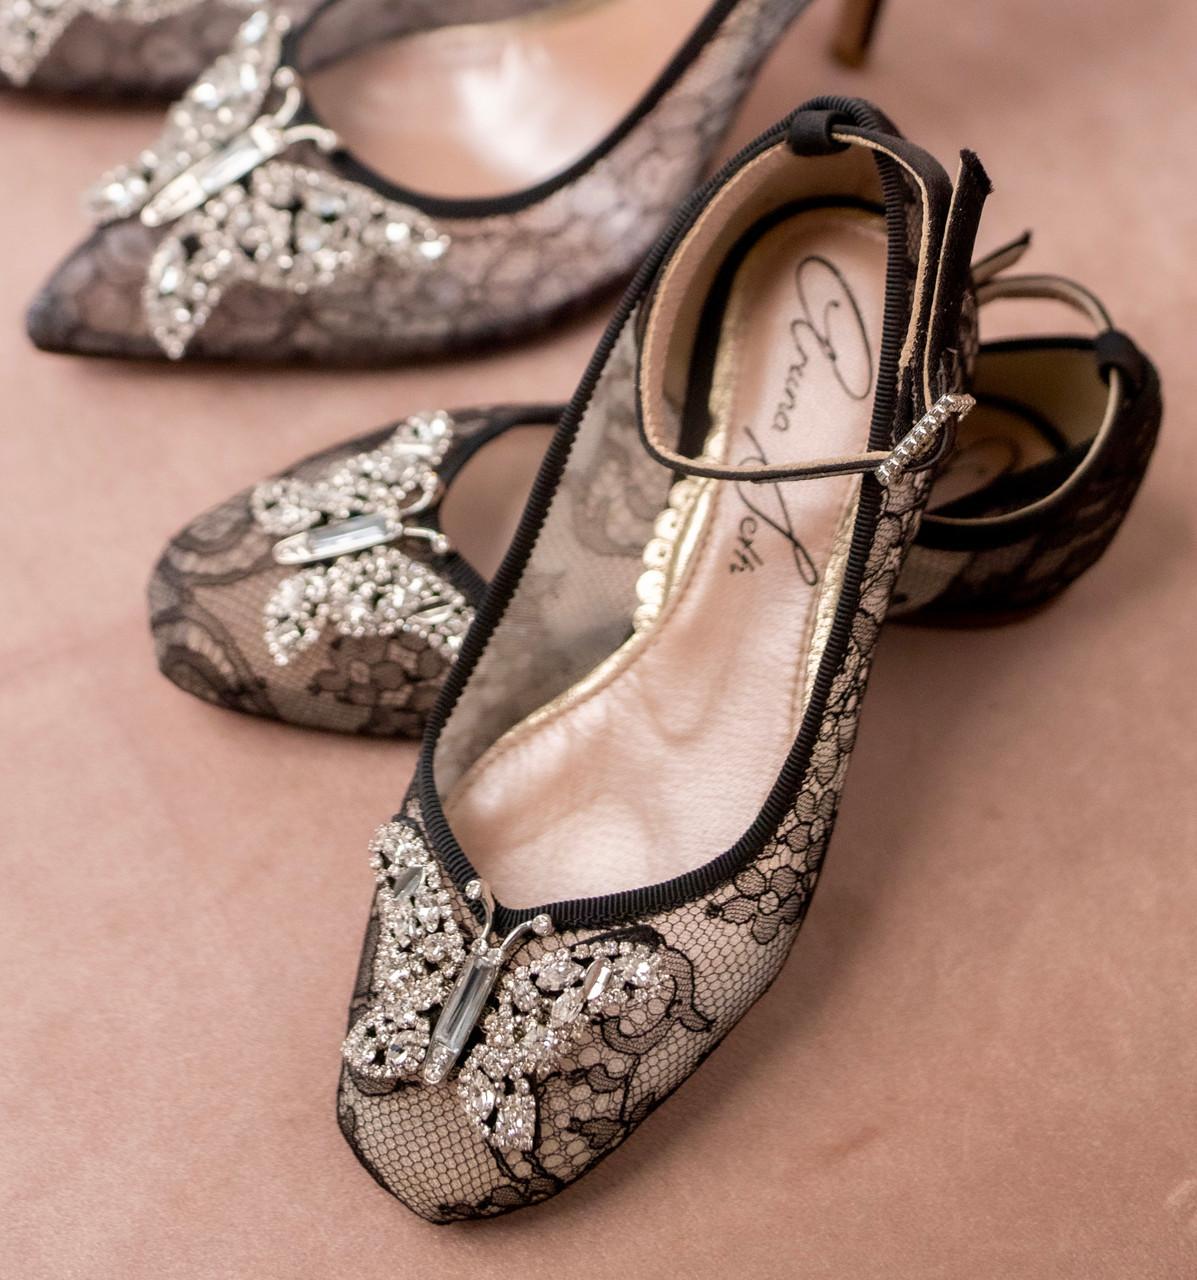 Anais Black Chantilly Lace Ballerina